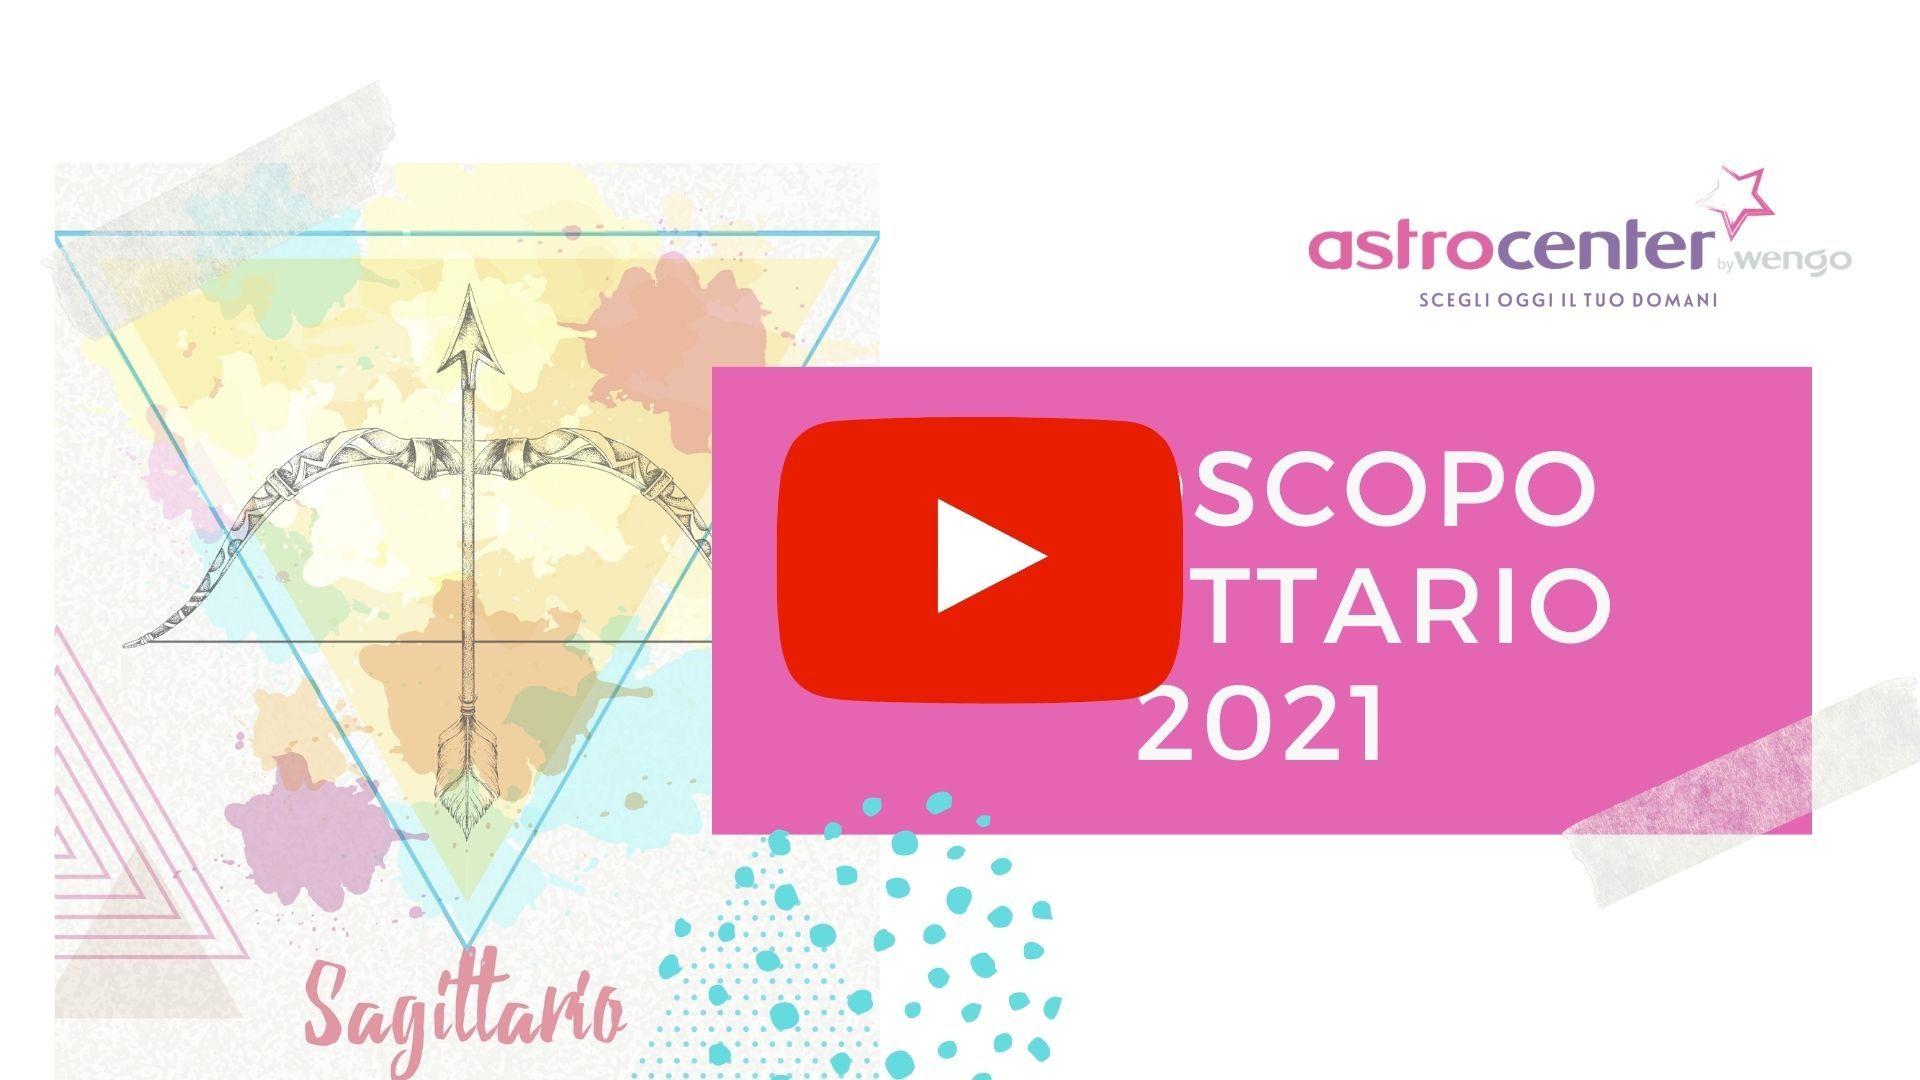 Oroscopo video Sagittario 2021